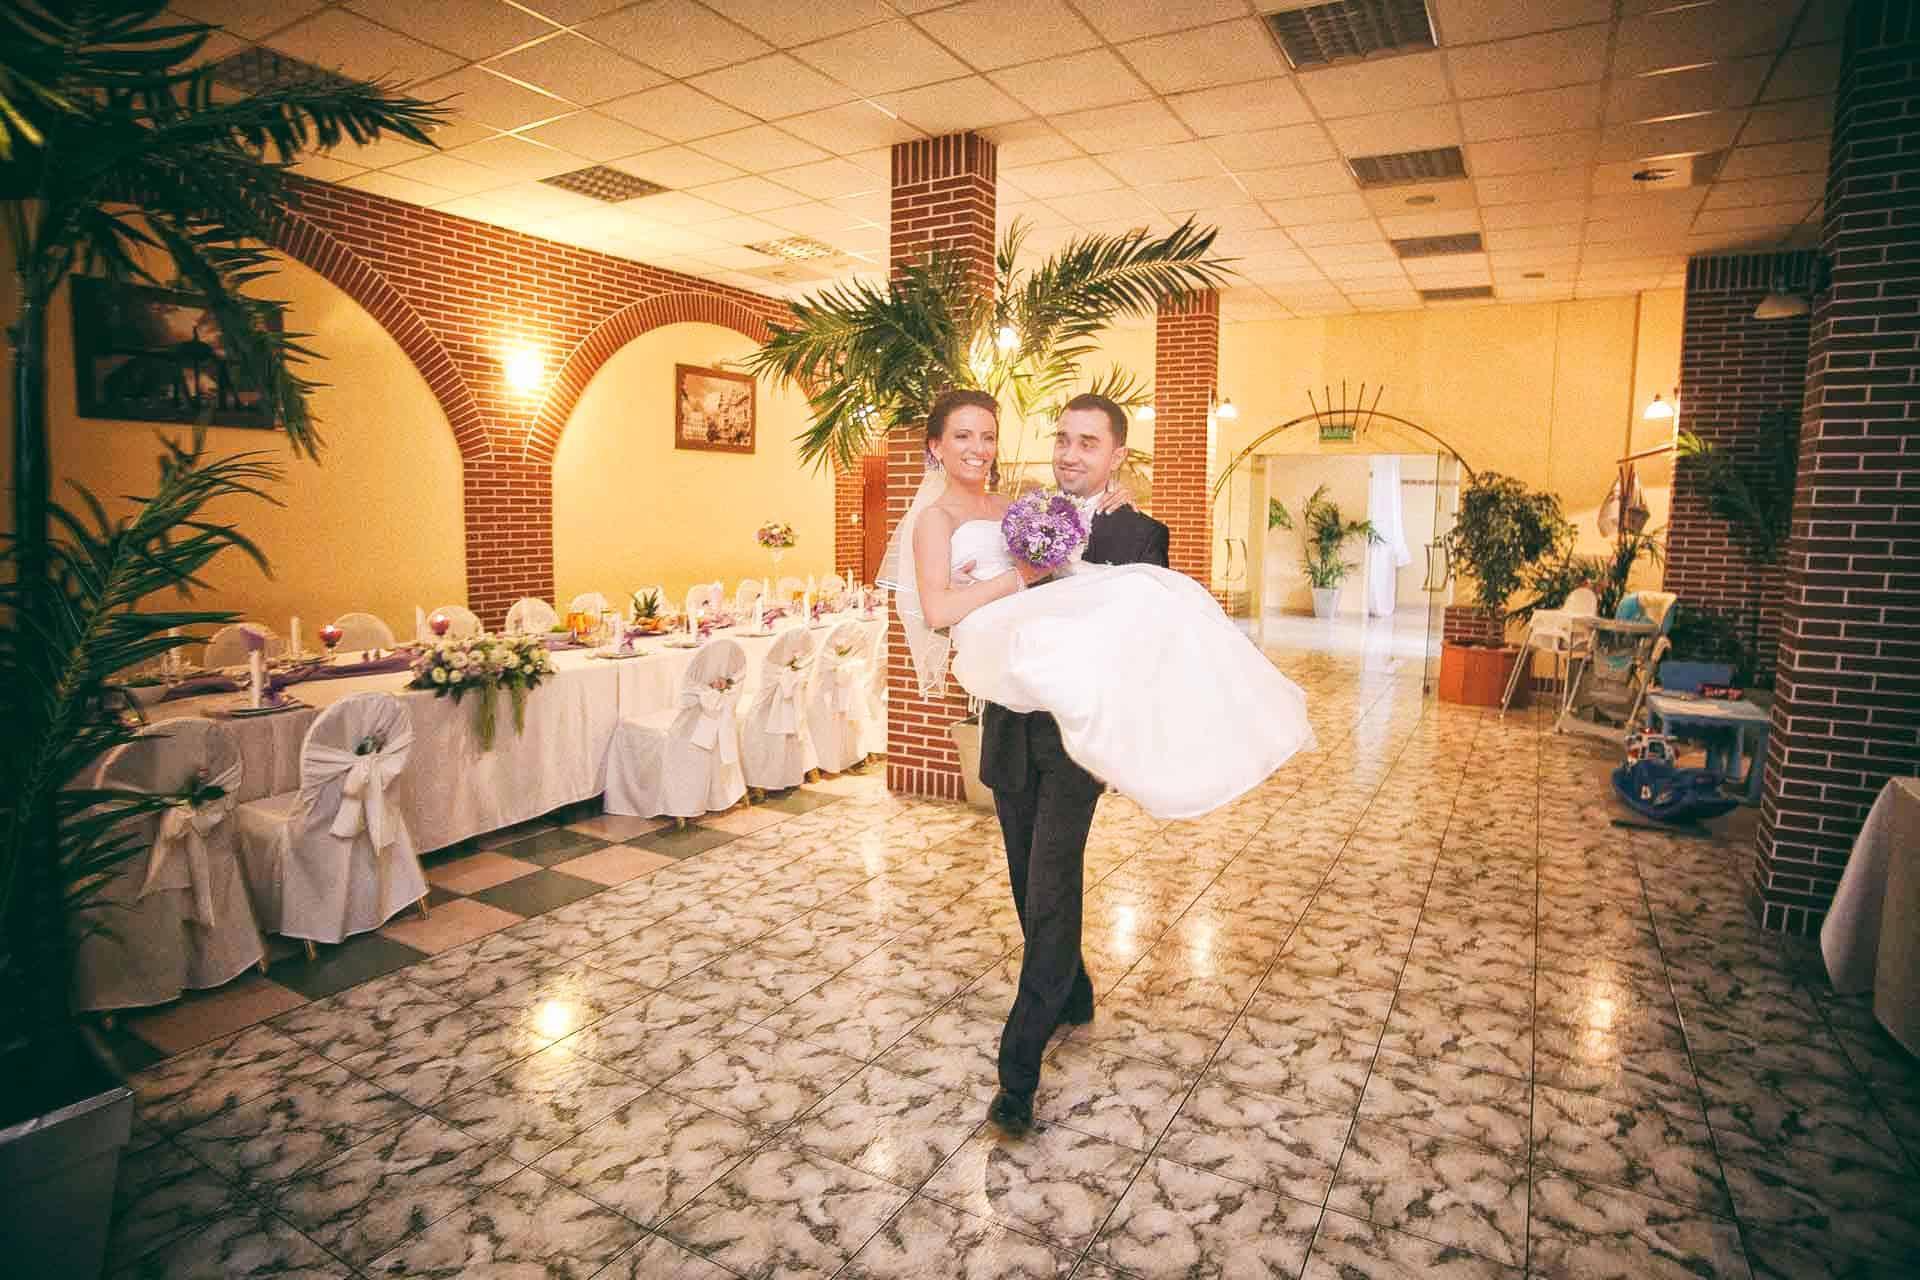 Pan Młody przenoszący Pannę Młodą przez próg na zdjęciu z wesela - Grupa 5D.